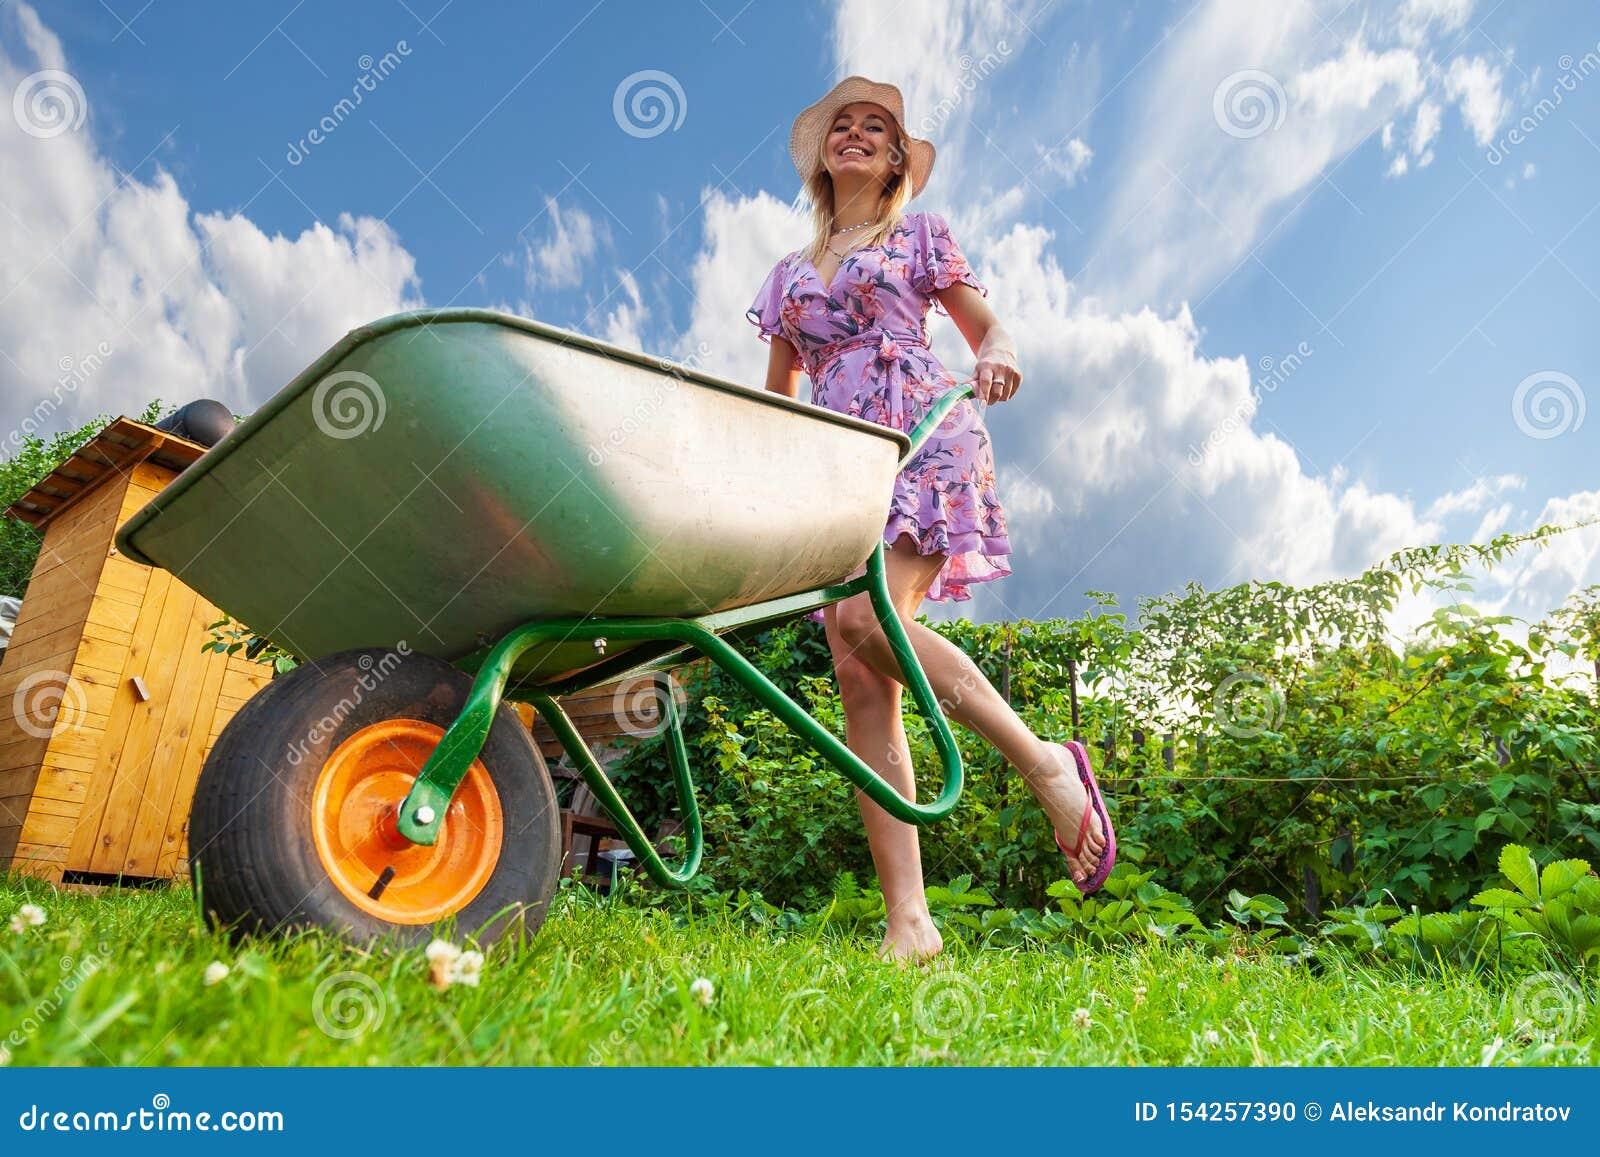 Muchacha hermosa joven rubia en un vestido y un sombrero, divirtiéndose en el jardín que sostiene en sus manos un carro verde en